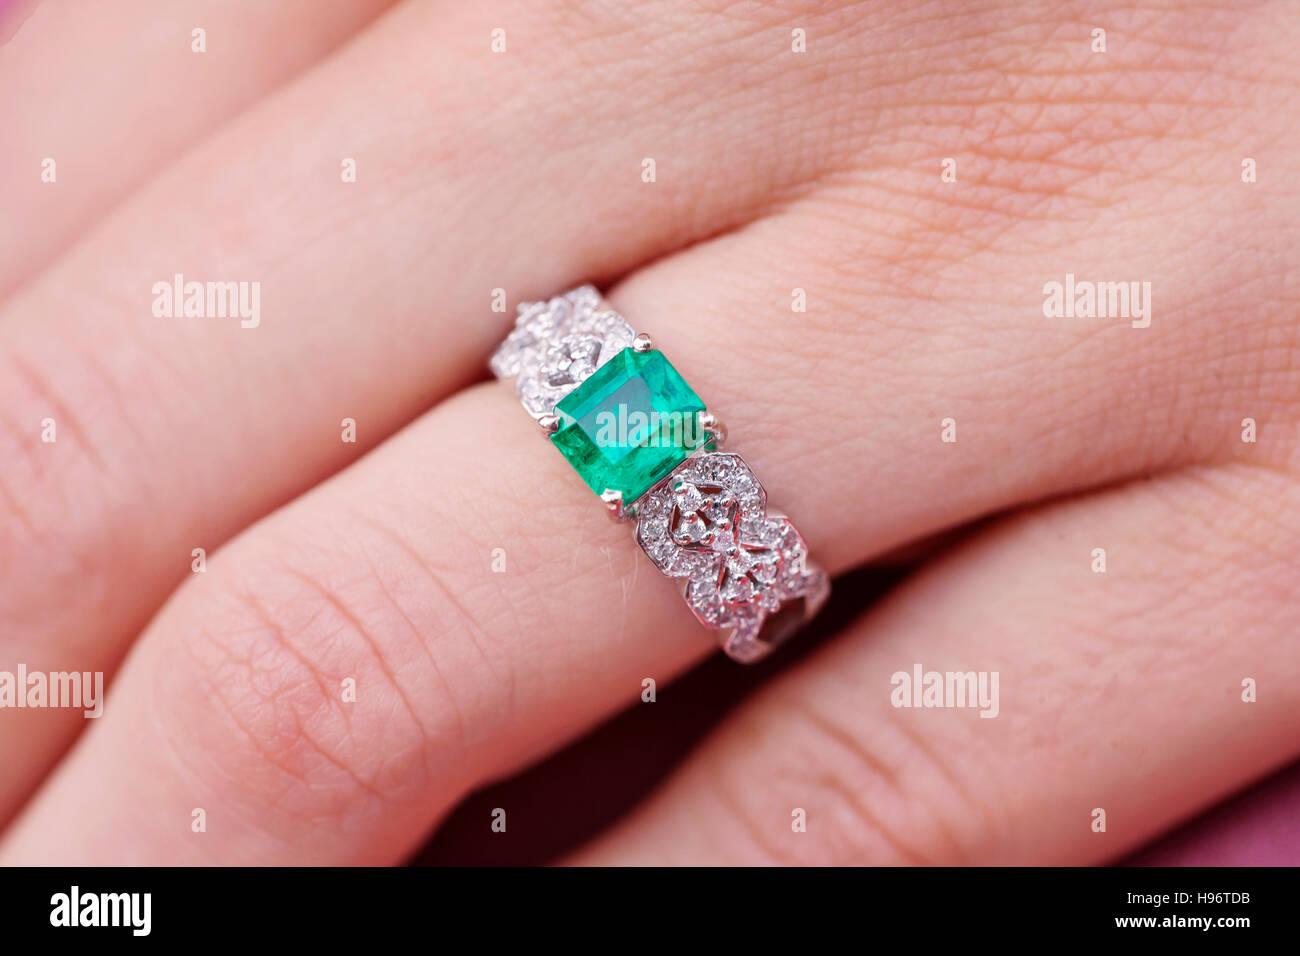 Skin Diamond Stock Photos & Skin Diamond Stock Images - Page 3 - Alamy